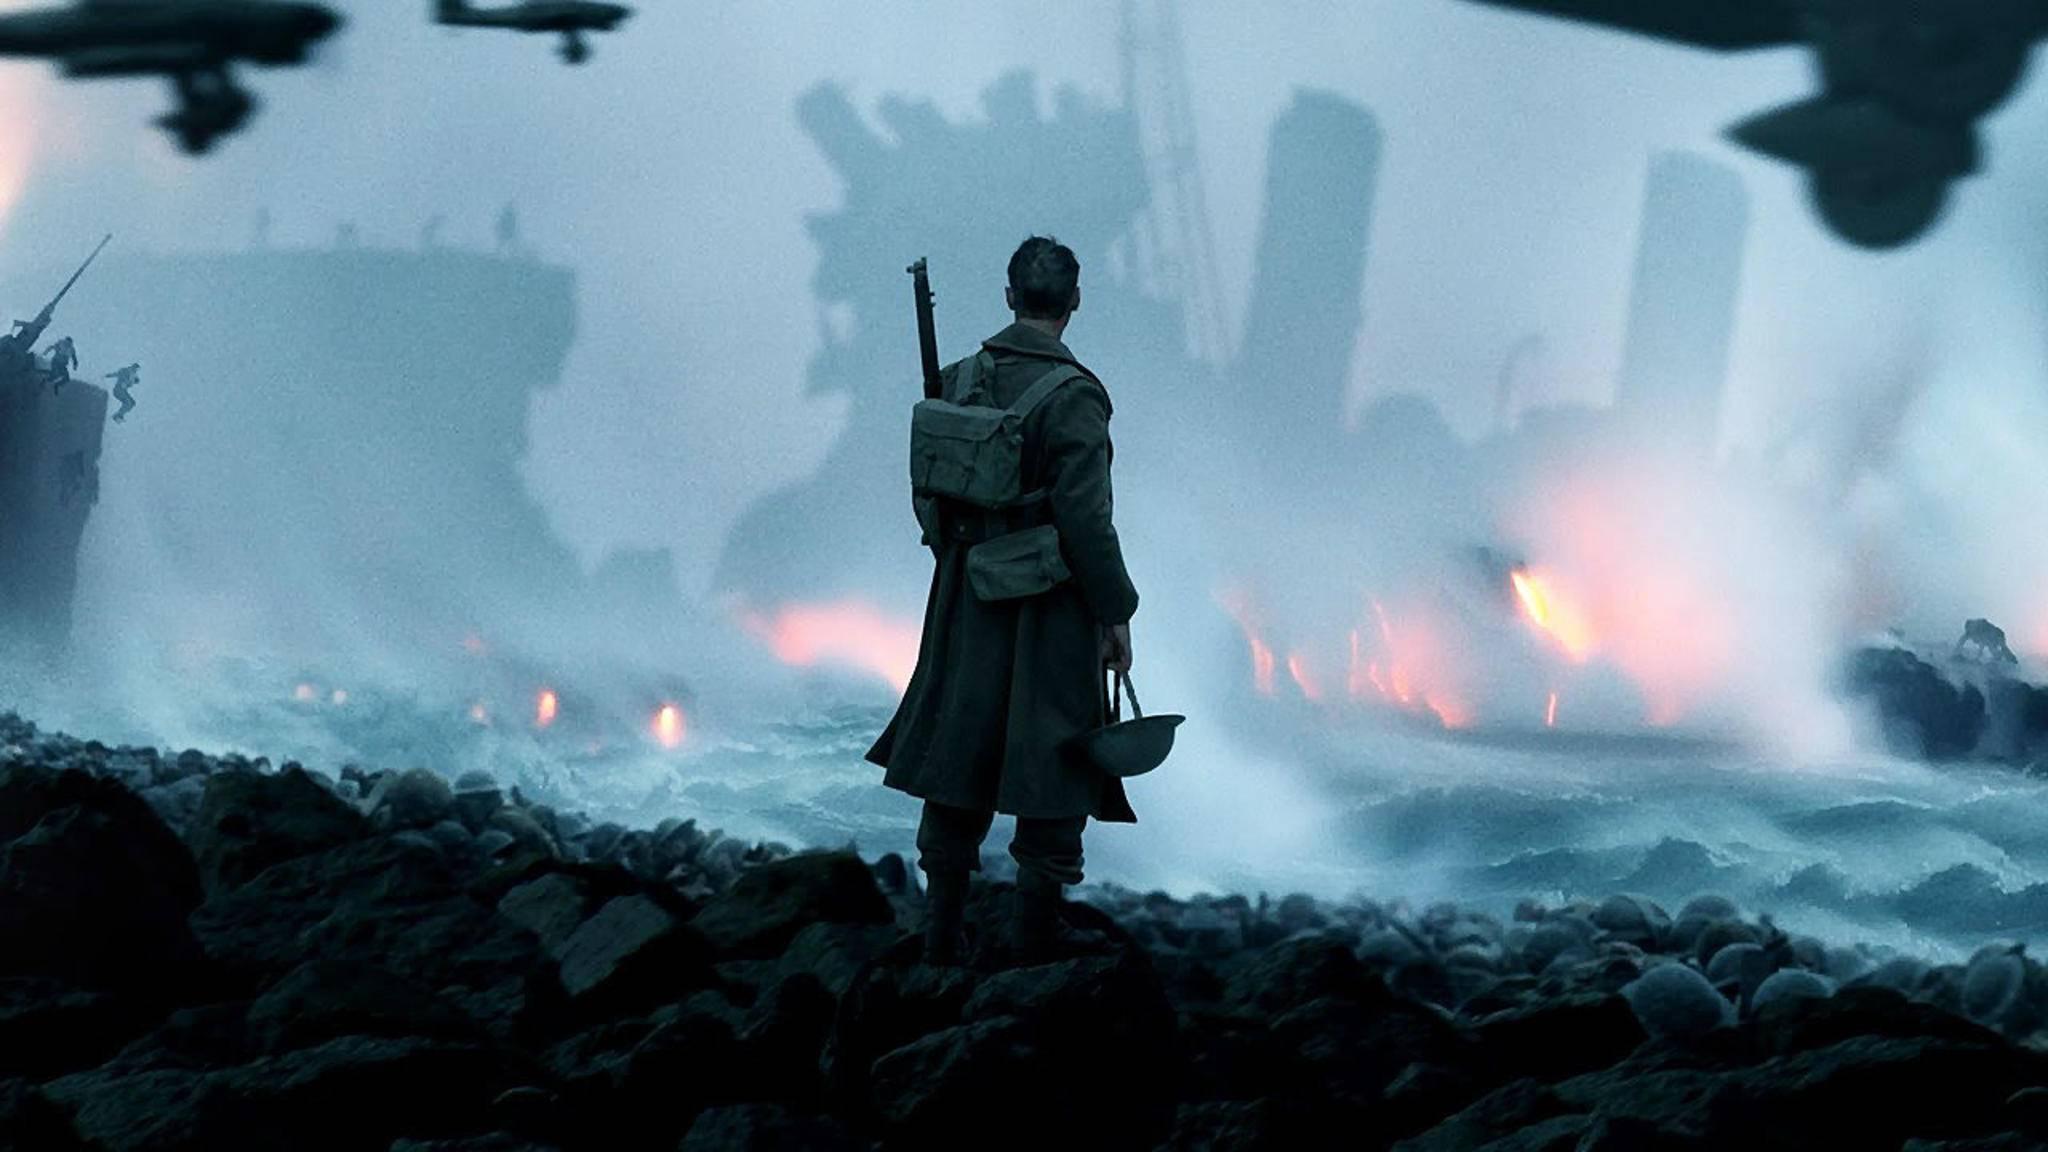 """Christopher Nolan liefert mit """"Dunkirk"""" klassisches Oscar-Material ab. Ob es 2018 für eine Auszeichnung reicht?"""